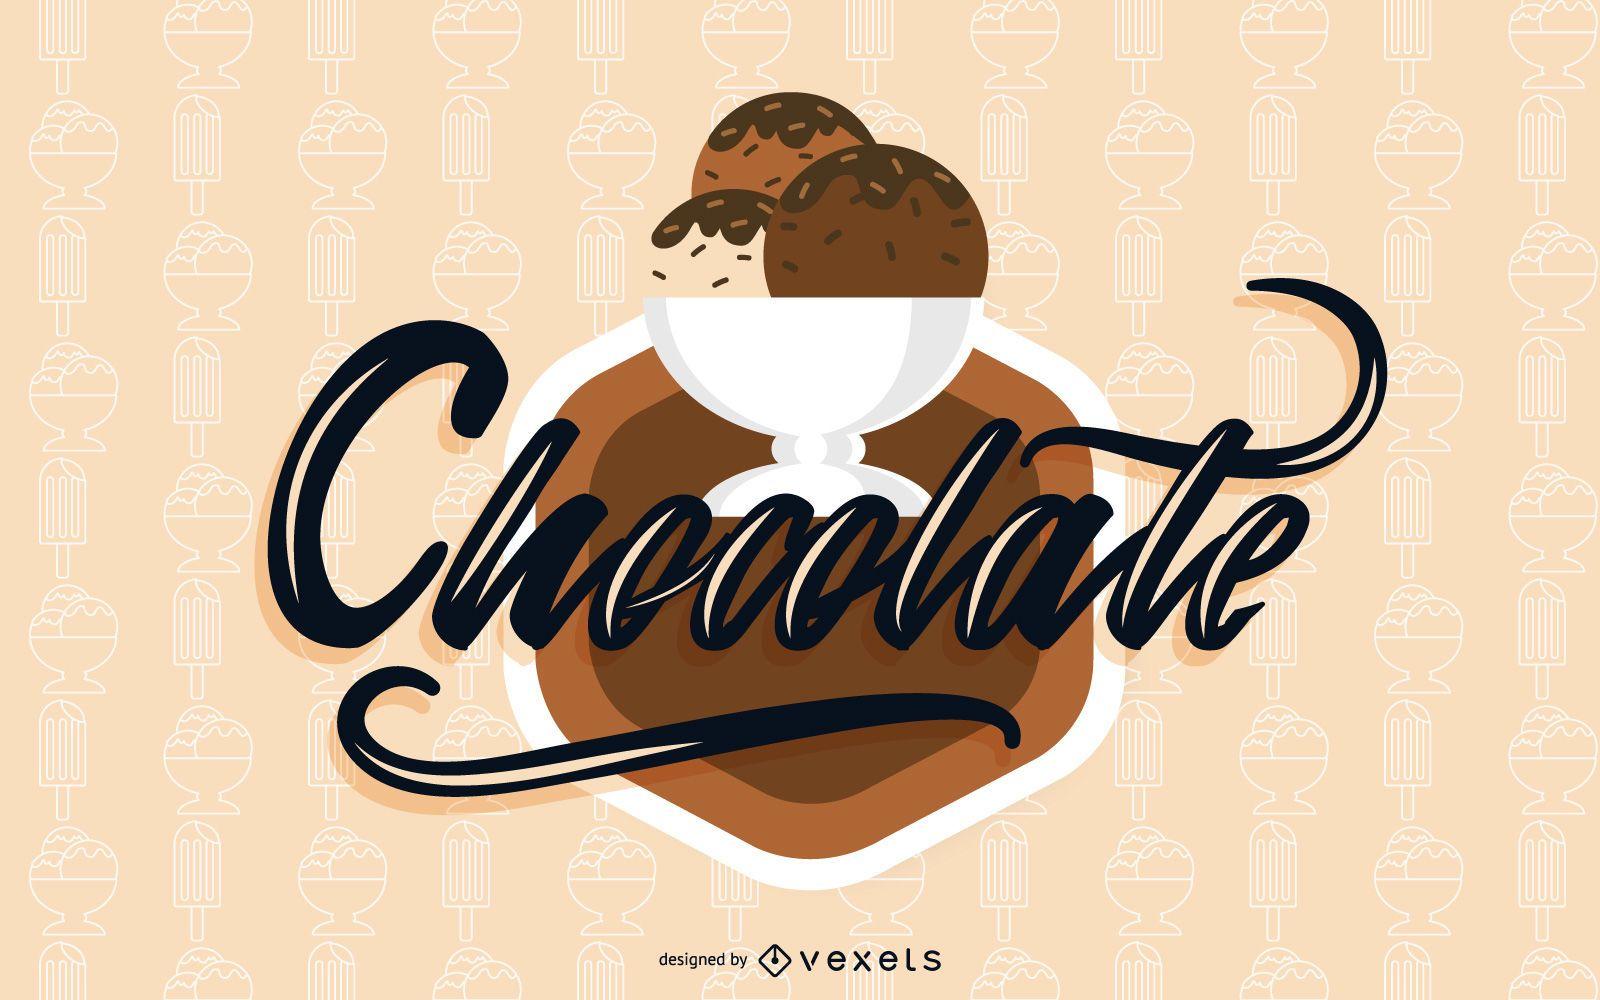 Chocolate ice cream illustration design